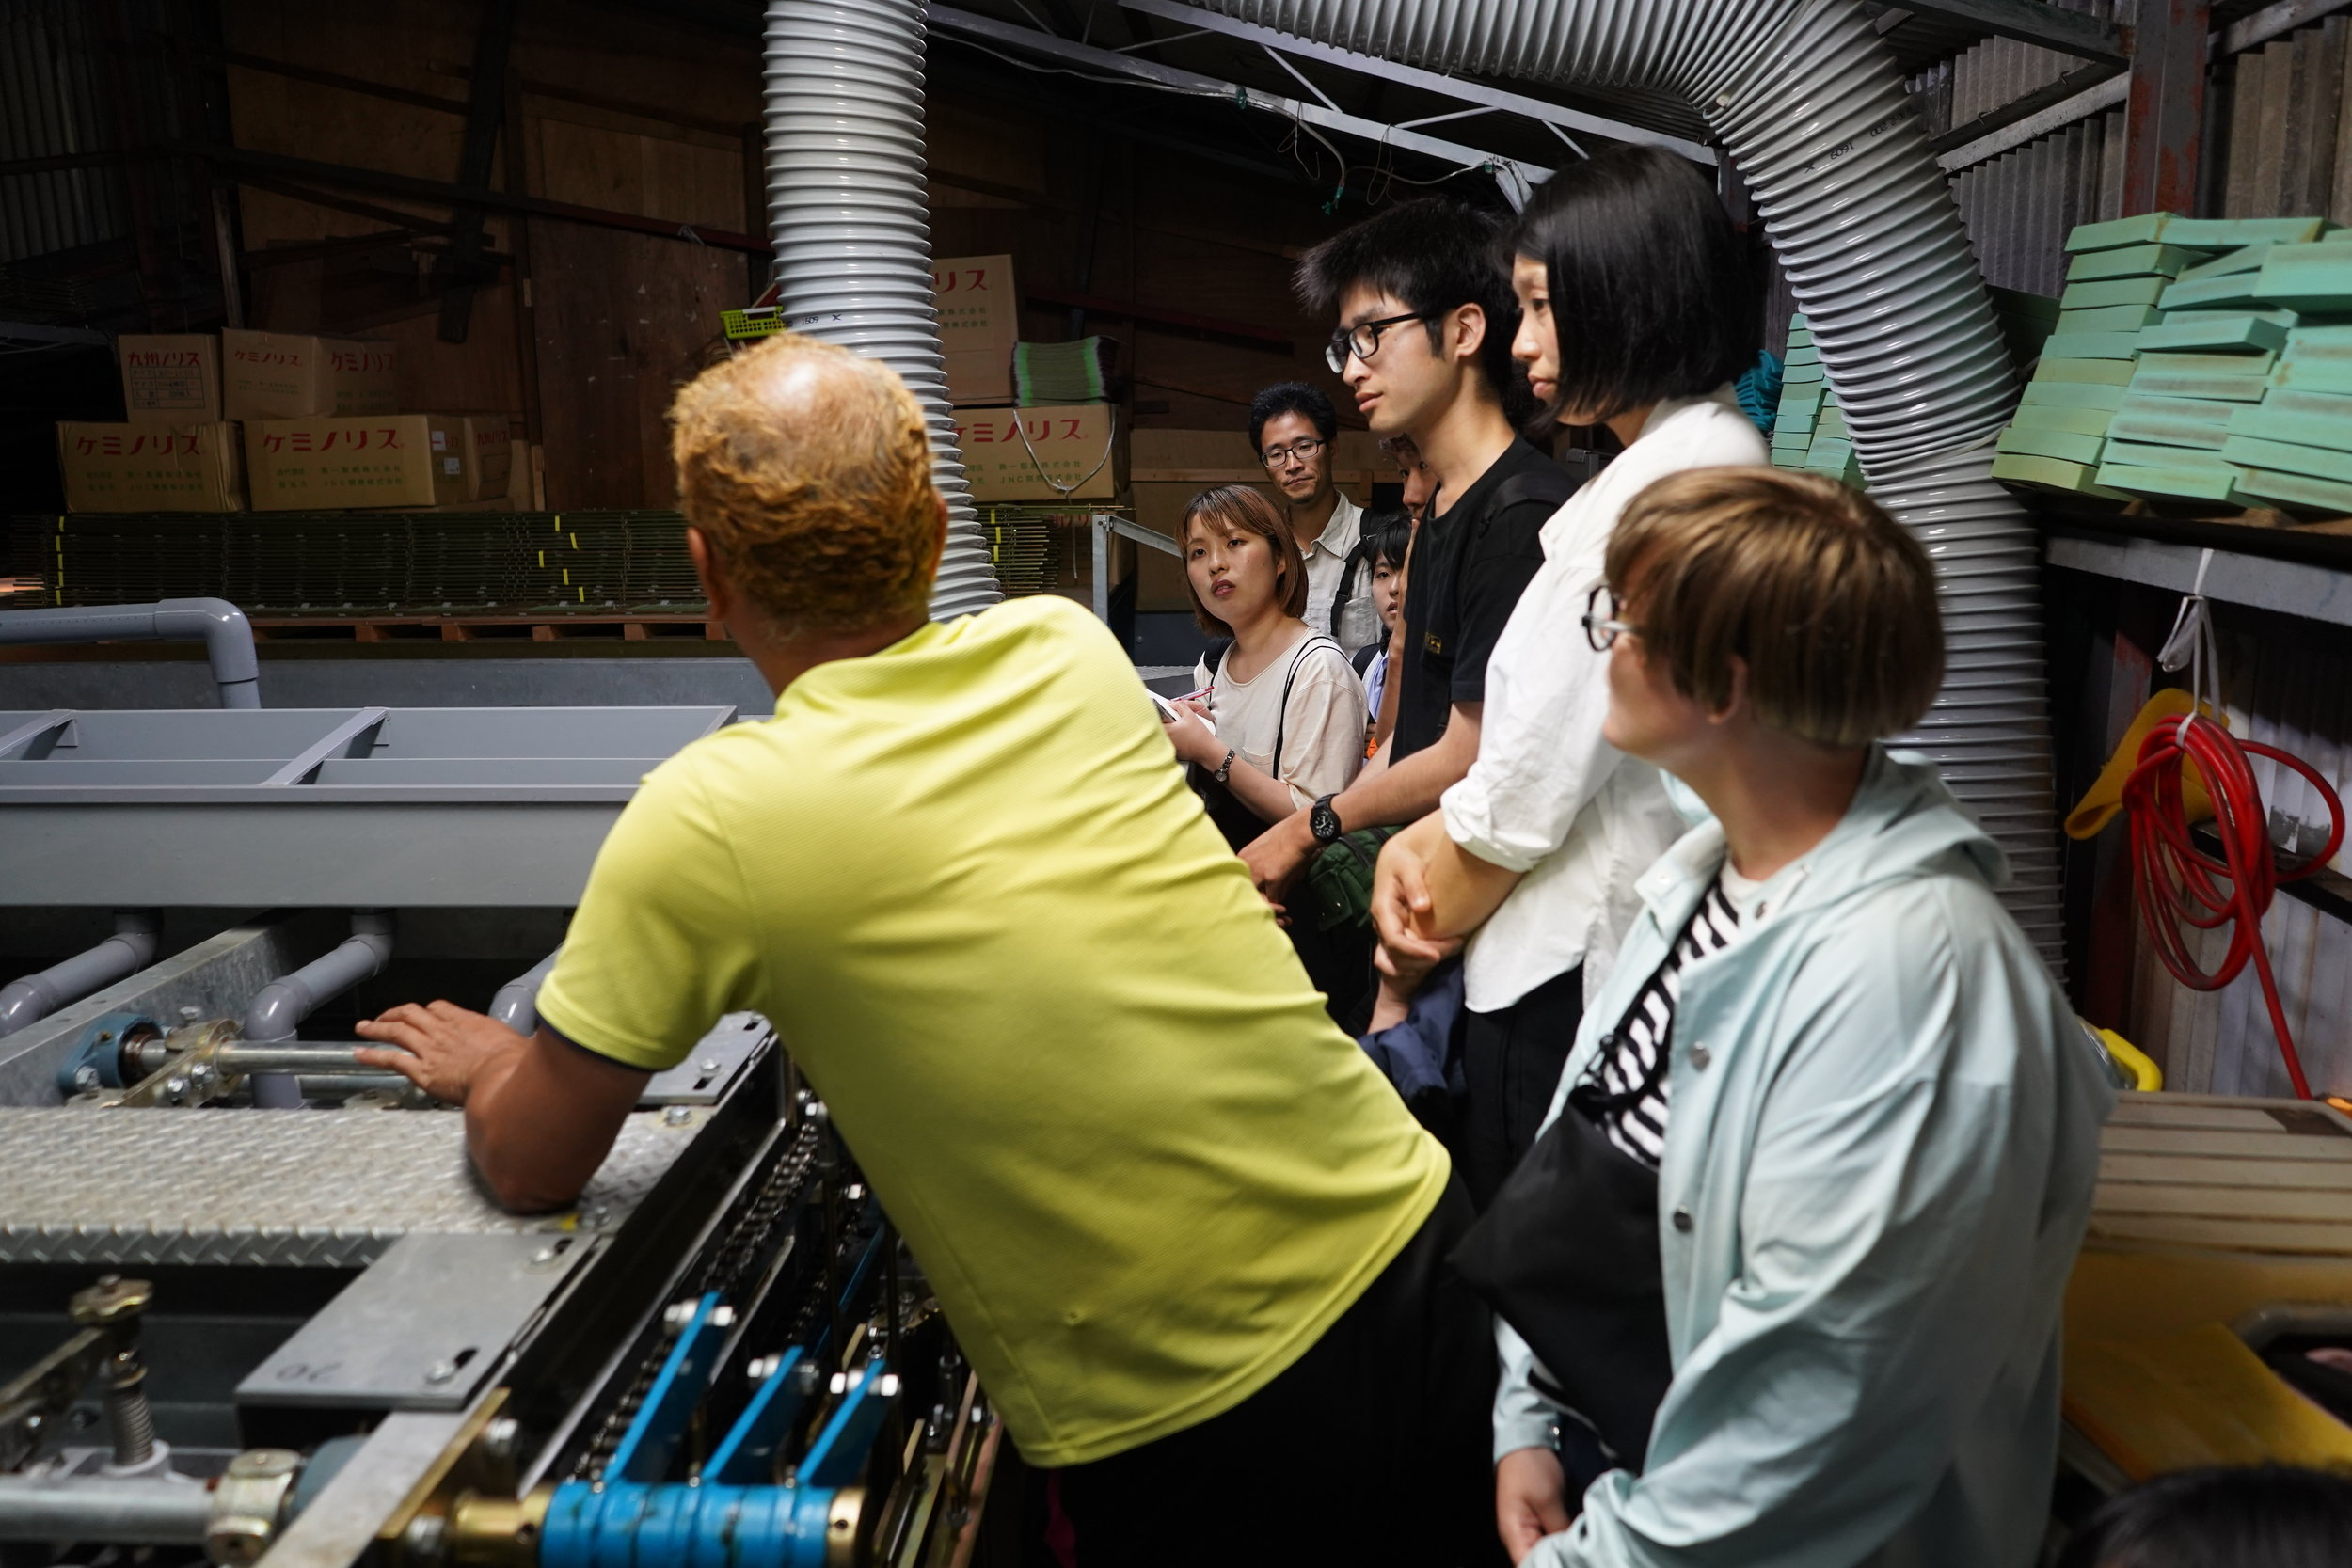 直島のり工場のオーナーによる工場内ツアー、事業についても学びました。 The owner of the Naoshima Nori factory gave a tour and discussed his business.